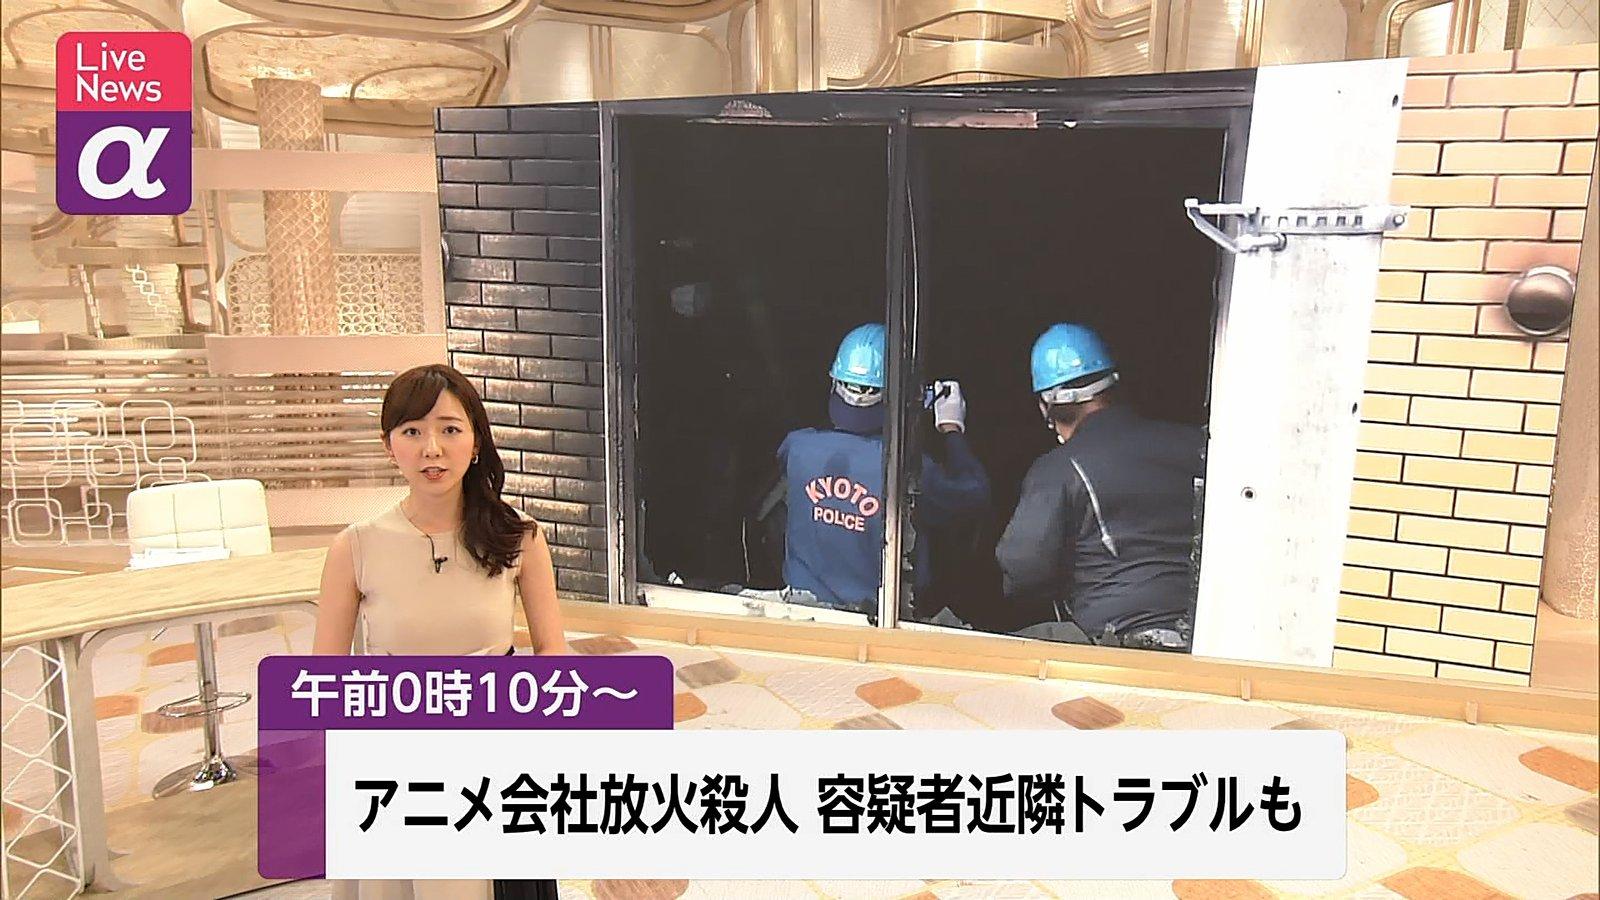 2019年7月19日「FNN Live News α」内田嶺衣奈さんのテレビキャプチャー画像-014